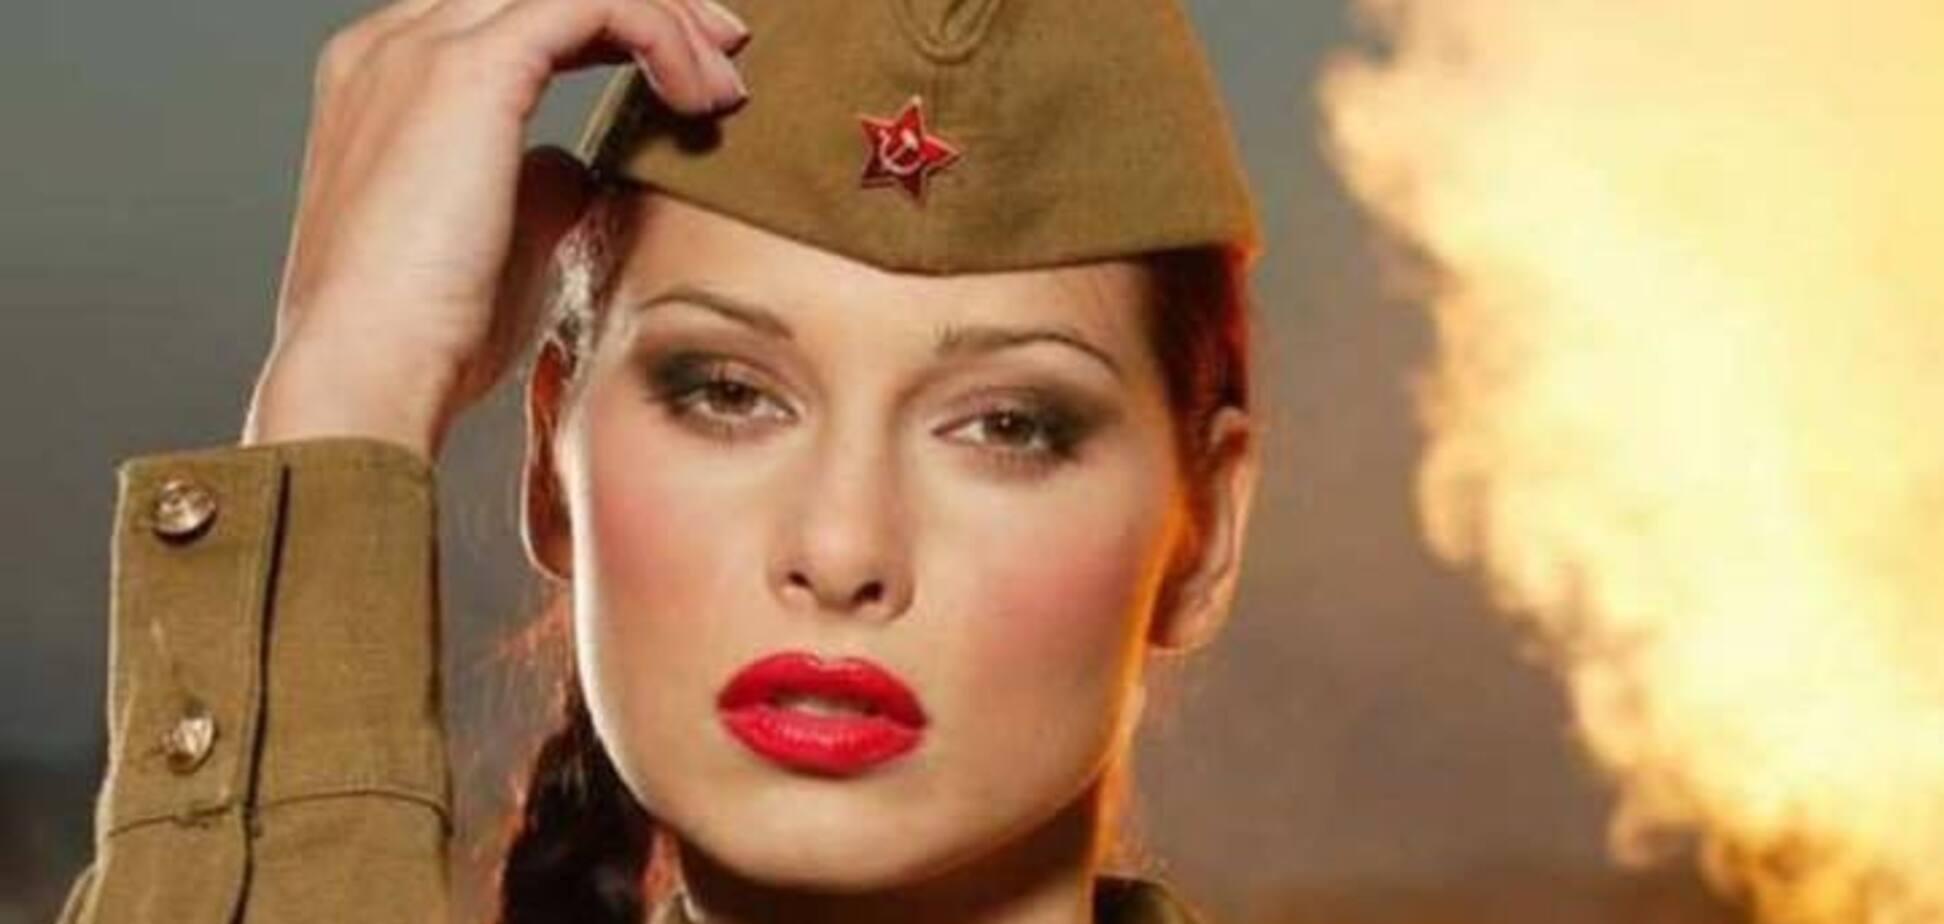 Сексуальная реклама ВСУ вызвала гнев украинок: разразился громкий скандал